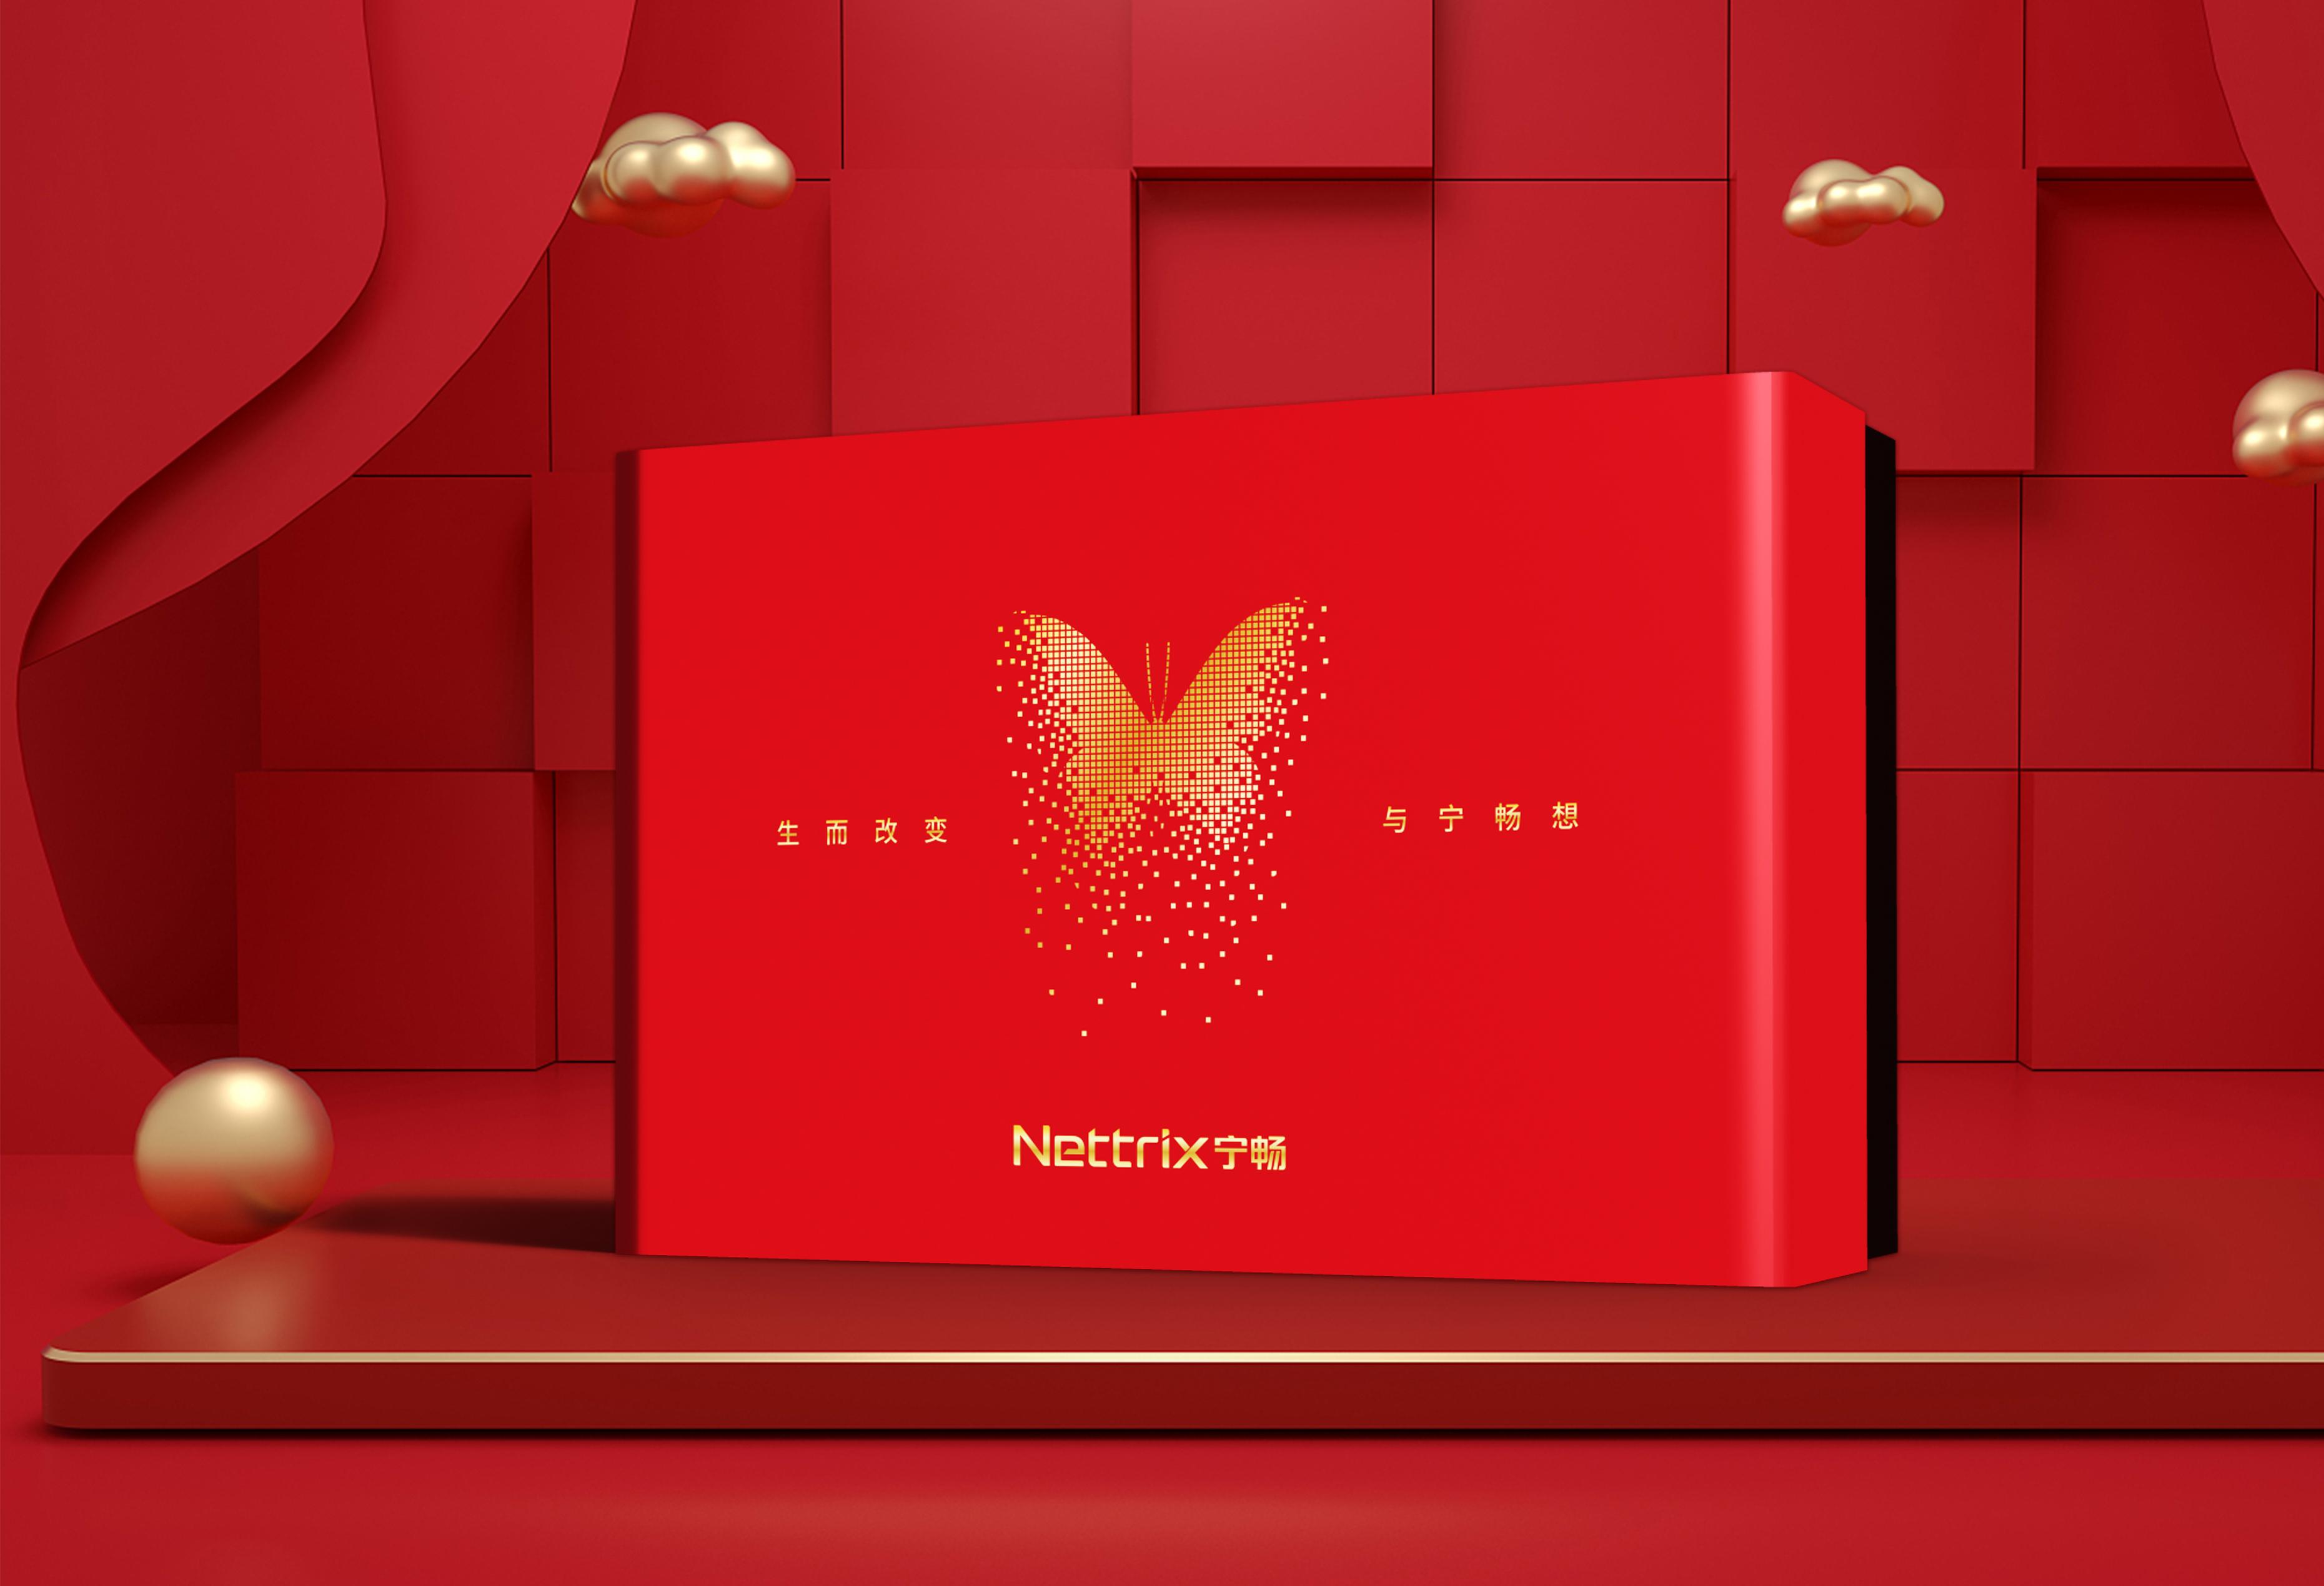 插画包装盒设计节日礼盒春节礼盒包装袋瓶贴绘制插图新春主题